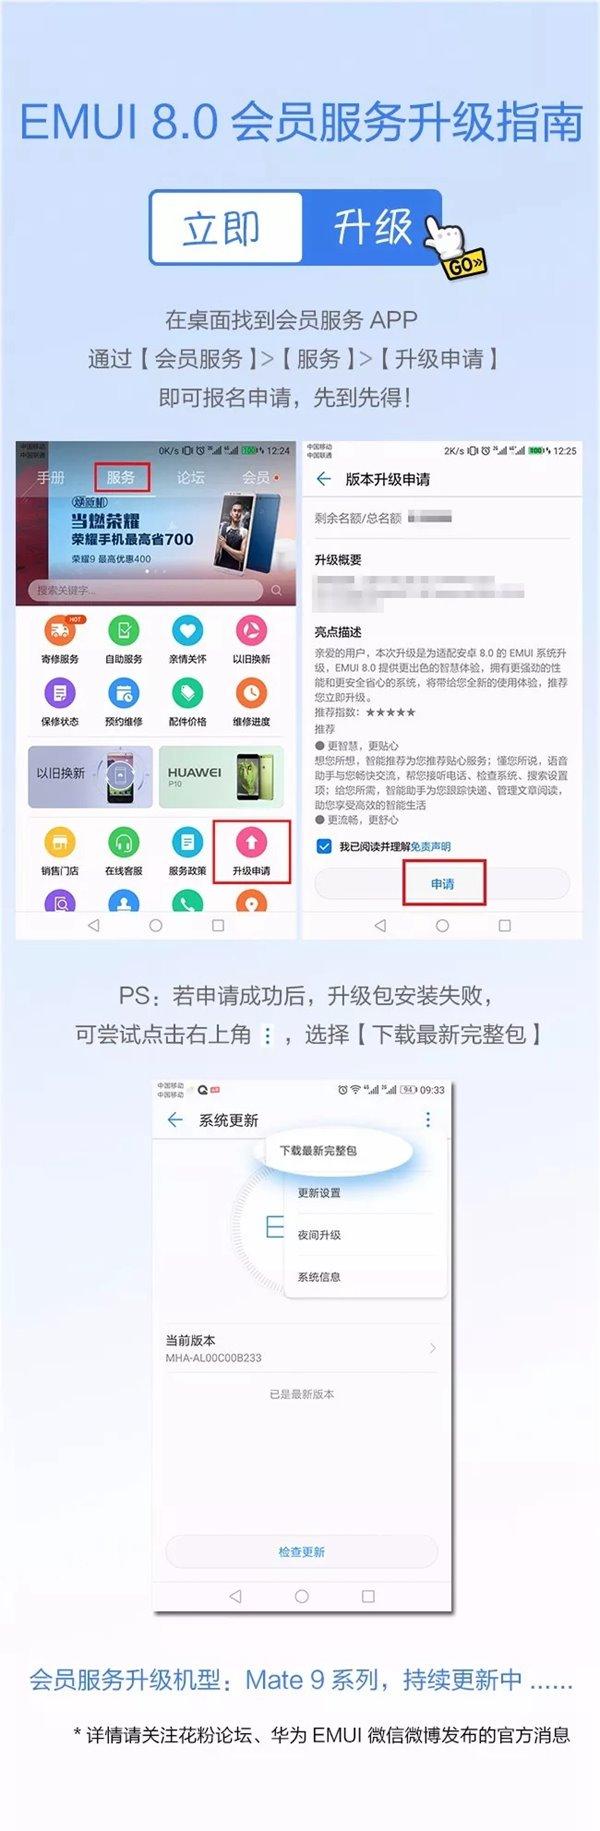 Huawei-Mate-9-EMUI-8.0-android-oreo